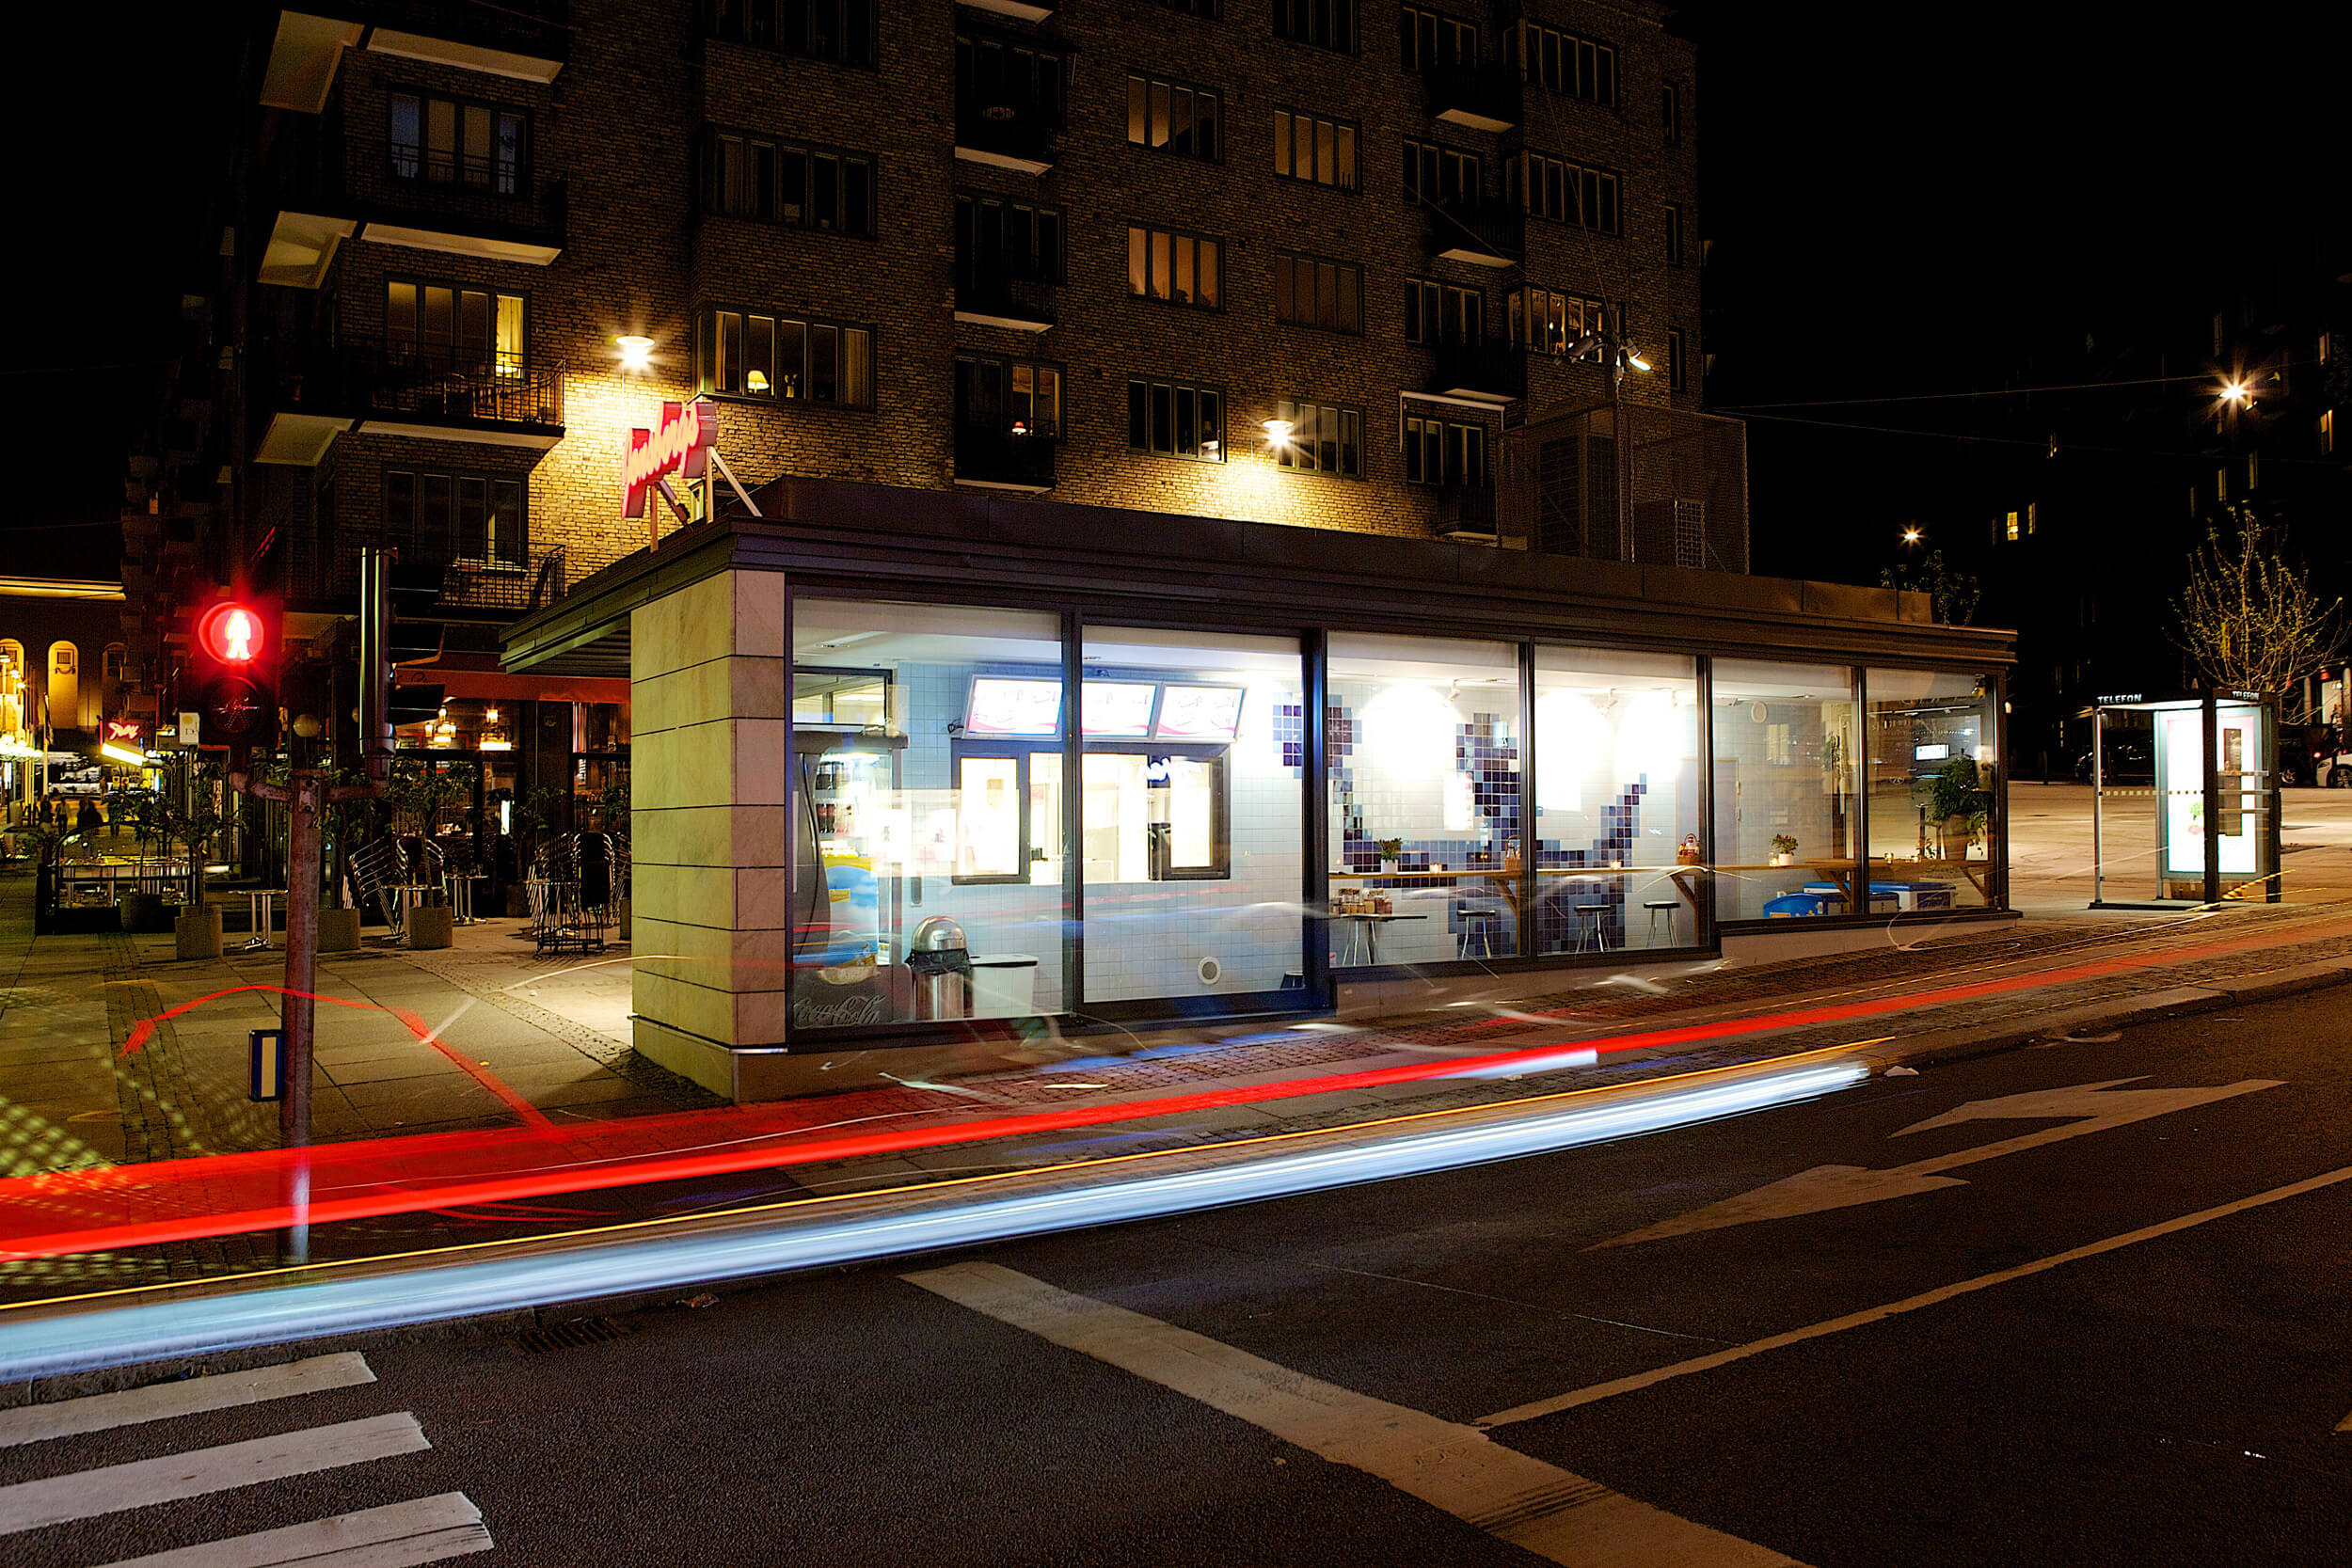 Jonsborgs kiosk